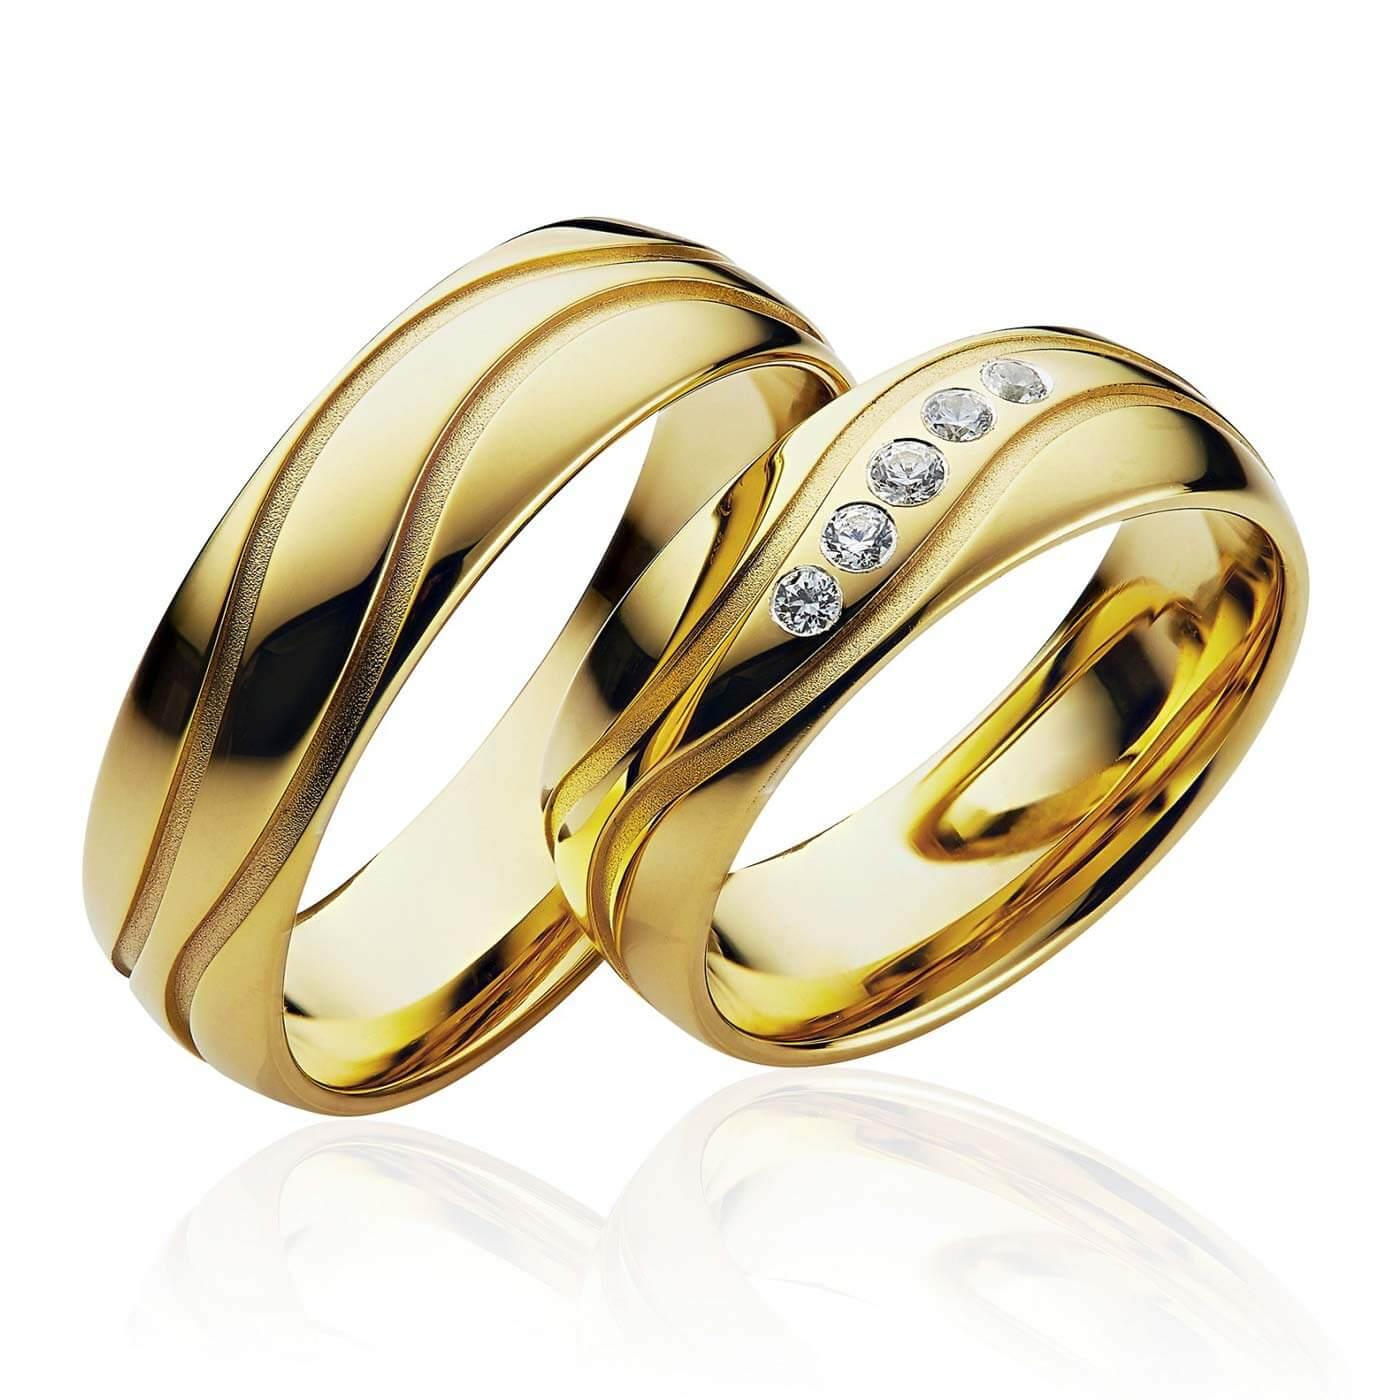 Trauringe günstig & geschmackvoll: Die 3 schönsten Ringe zu